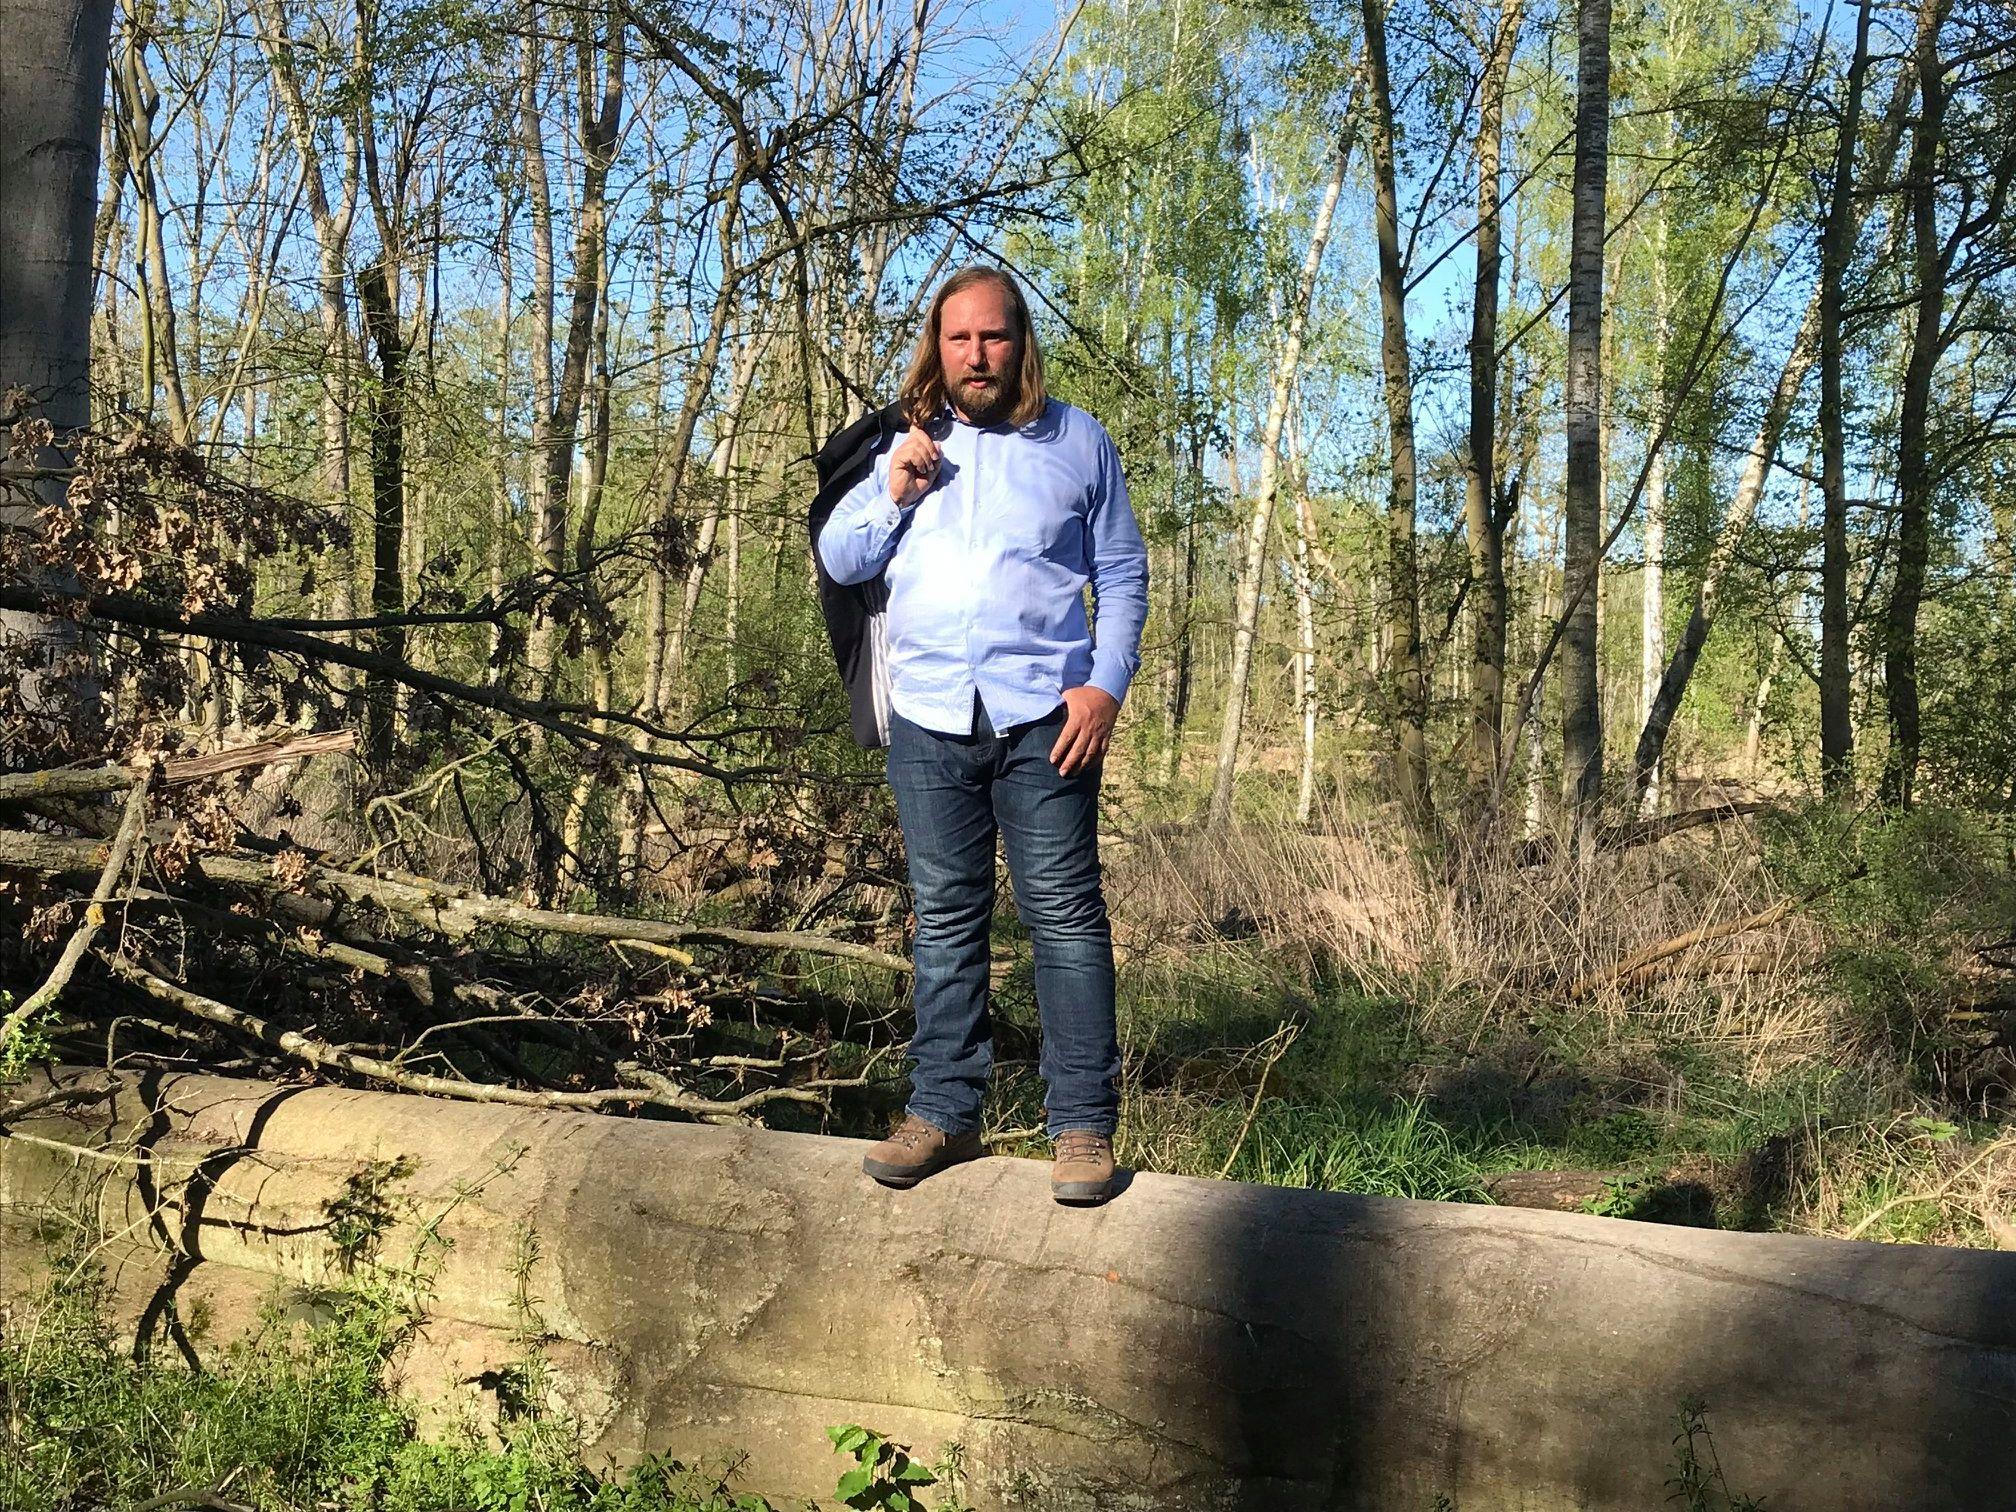 Toni steht auf einem Baumstamm. Er hat die Jacke über seine Schulter geworfen und schaut in die Kamera. Im Hintergrund ist Wald zu sehen.